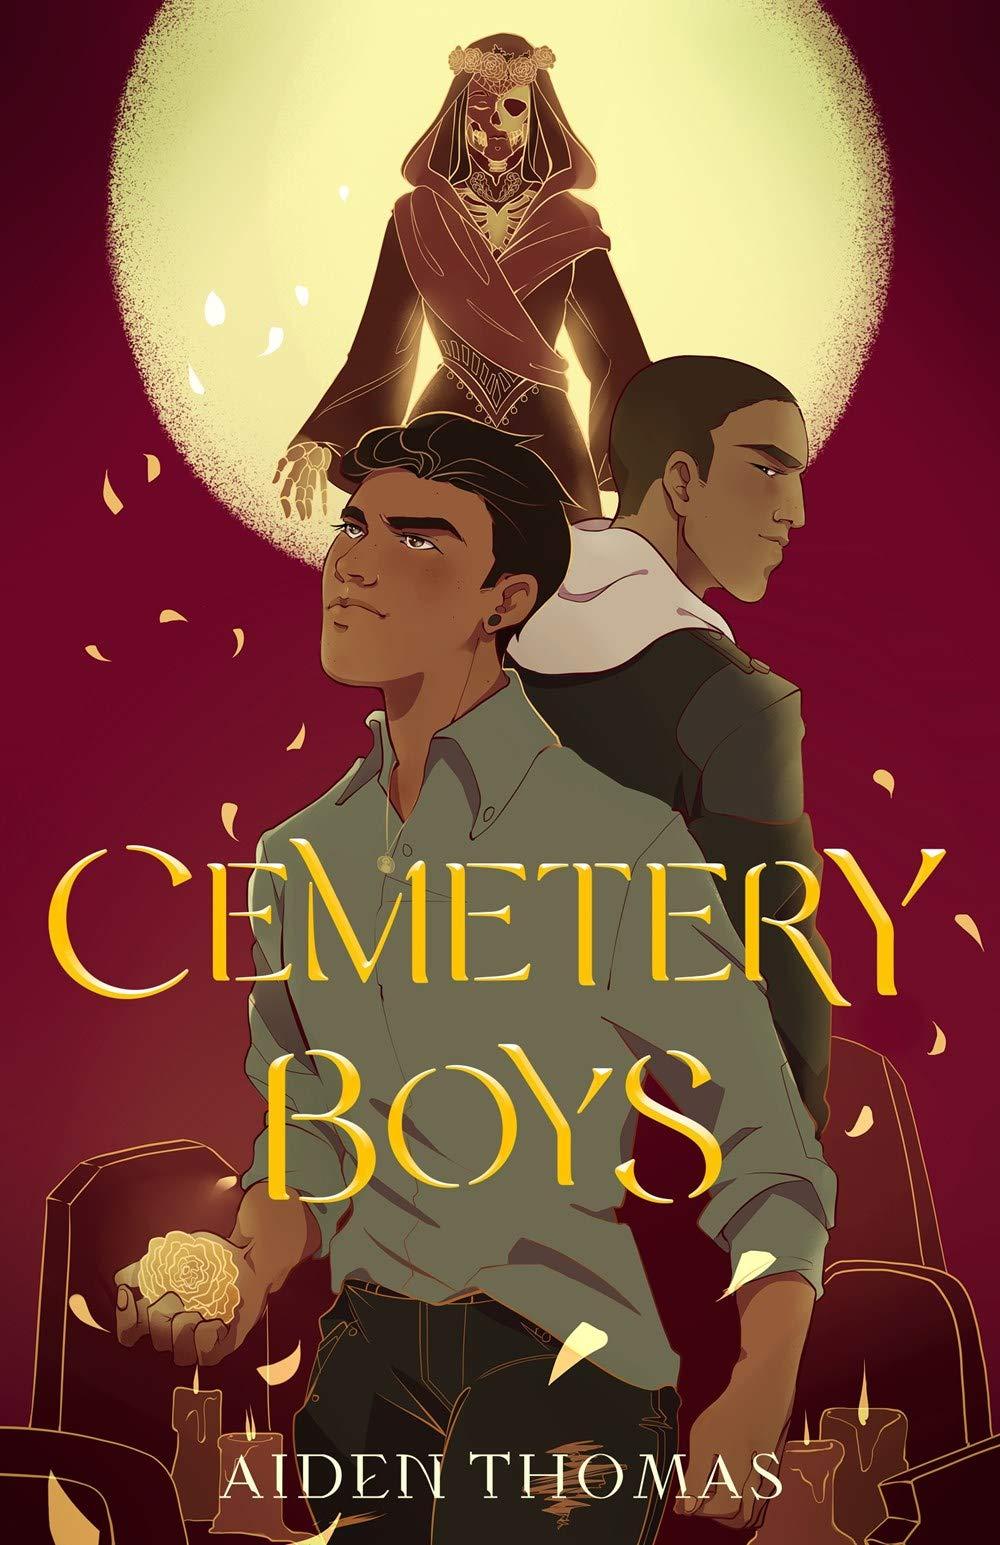 Cemetery Boys: Amazon.co.uk: Thomas, Aiden: 9781250250469: Books